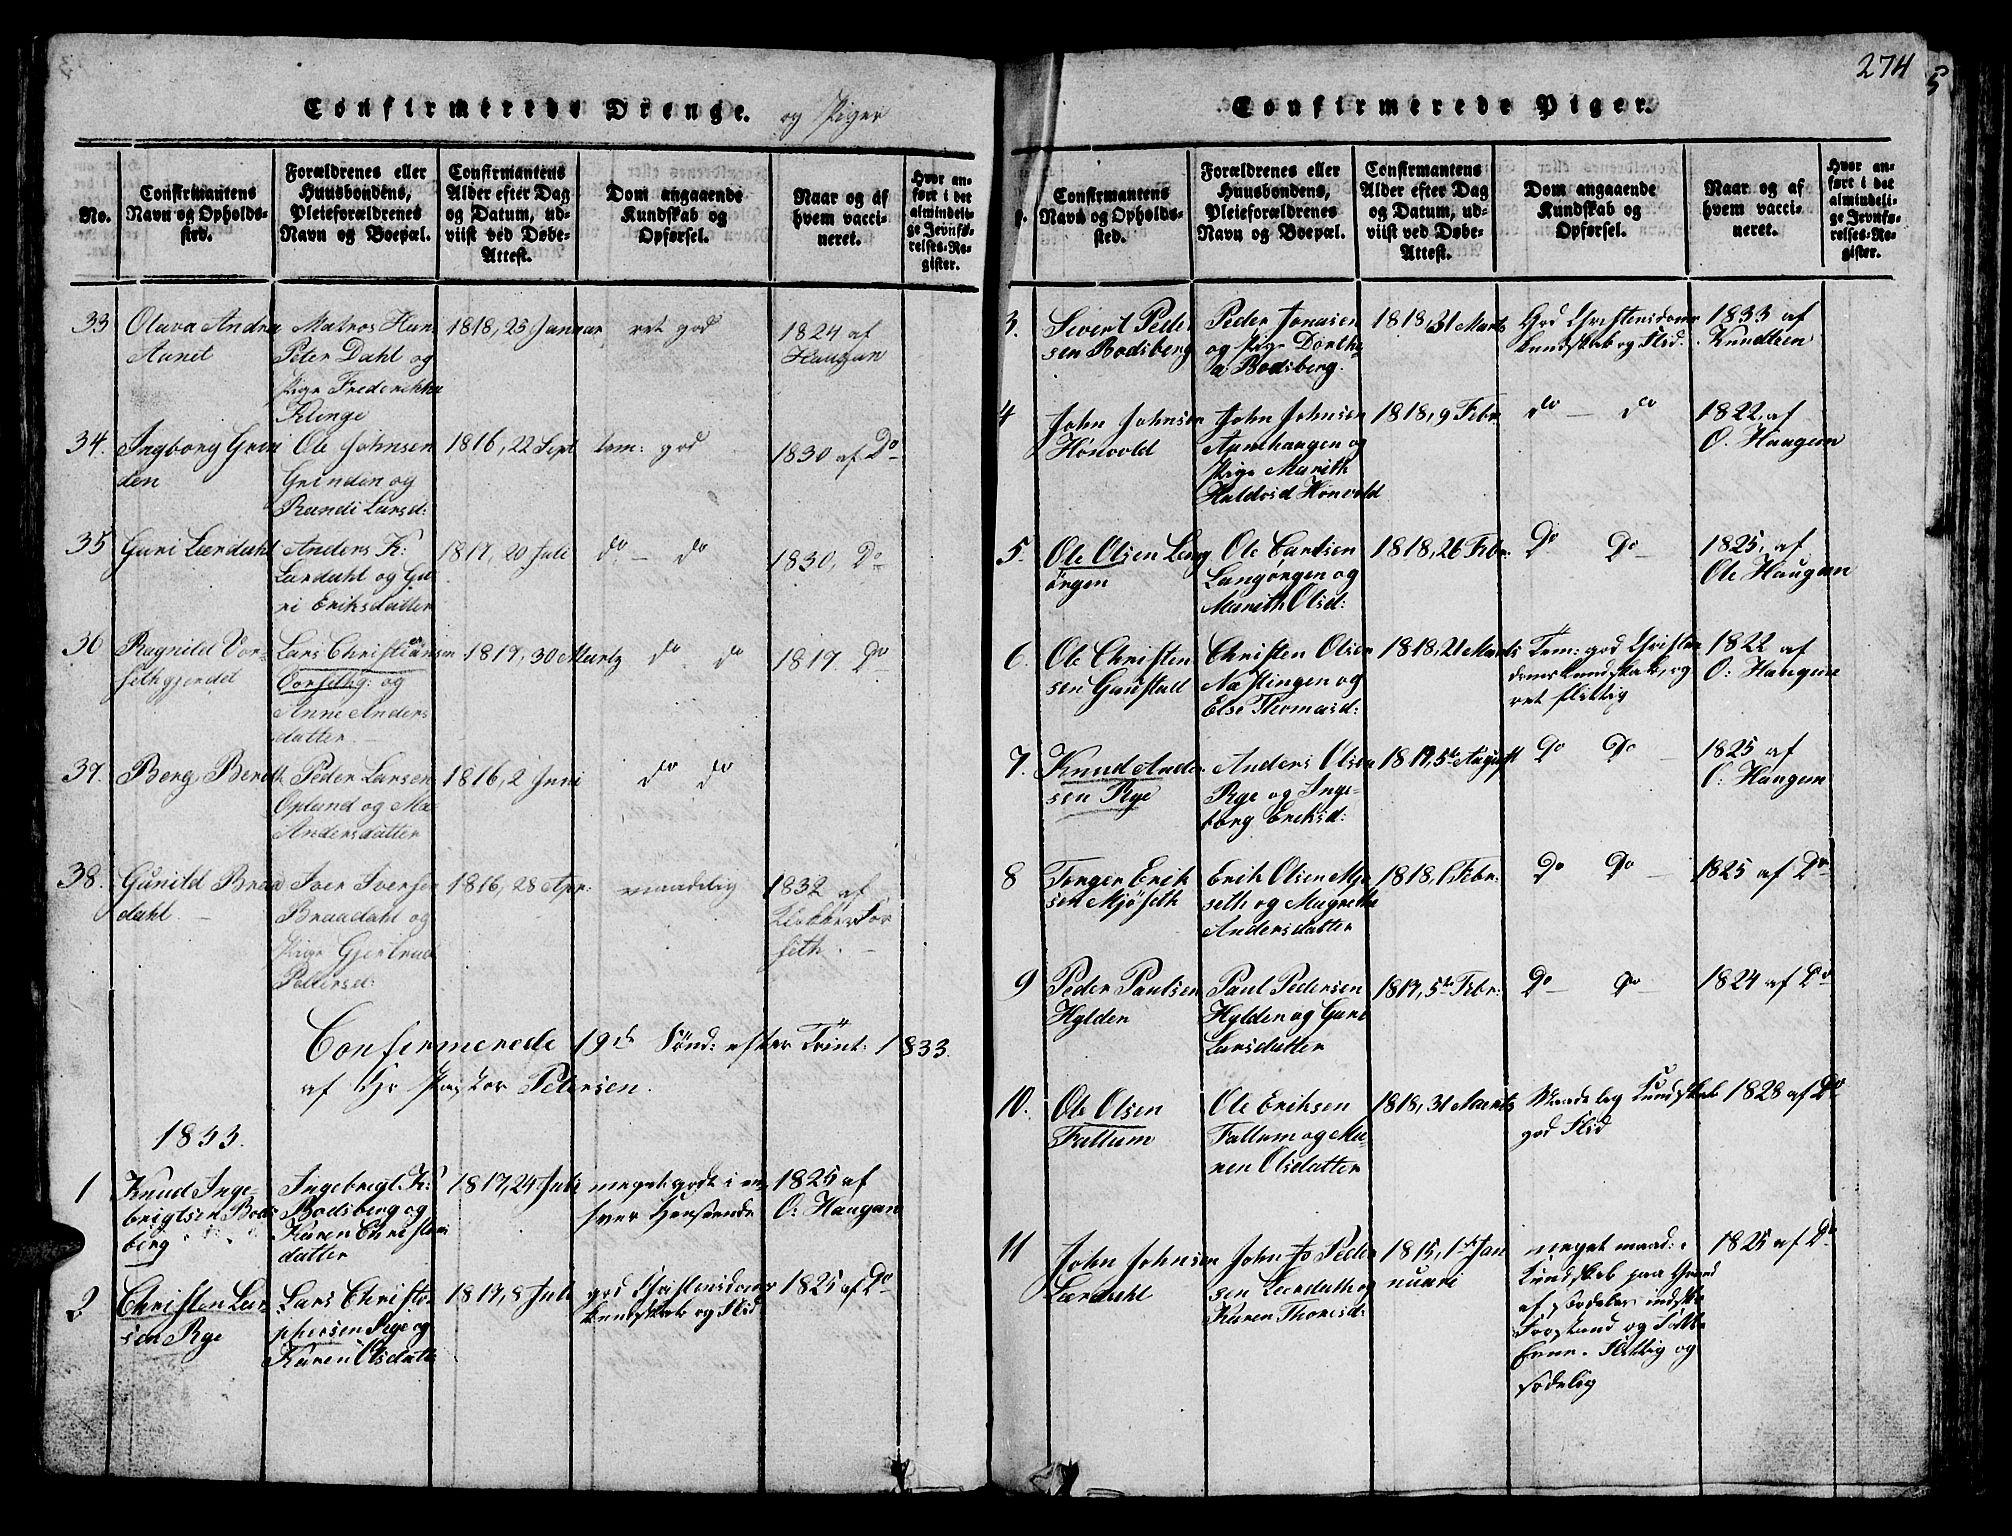 SAT, Ministerialprotokoller, klokkerbøker og fødselsregistre - Sør-Trøndelag, 612/L0385: Klokkerbok nr. 612C01, 1816-1845, s. 274